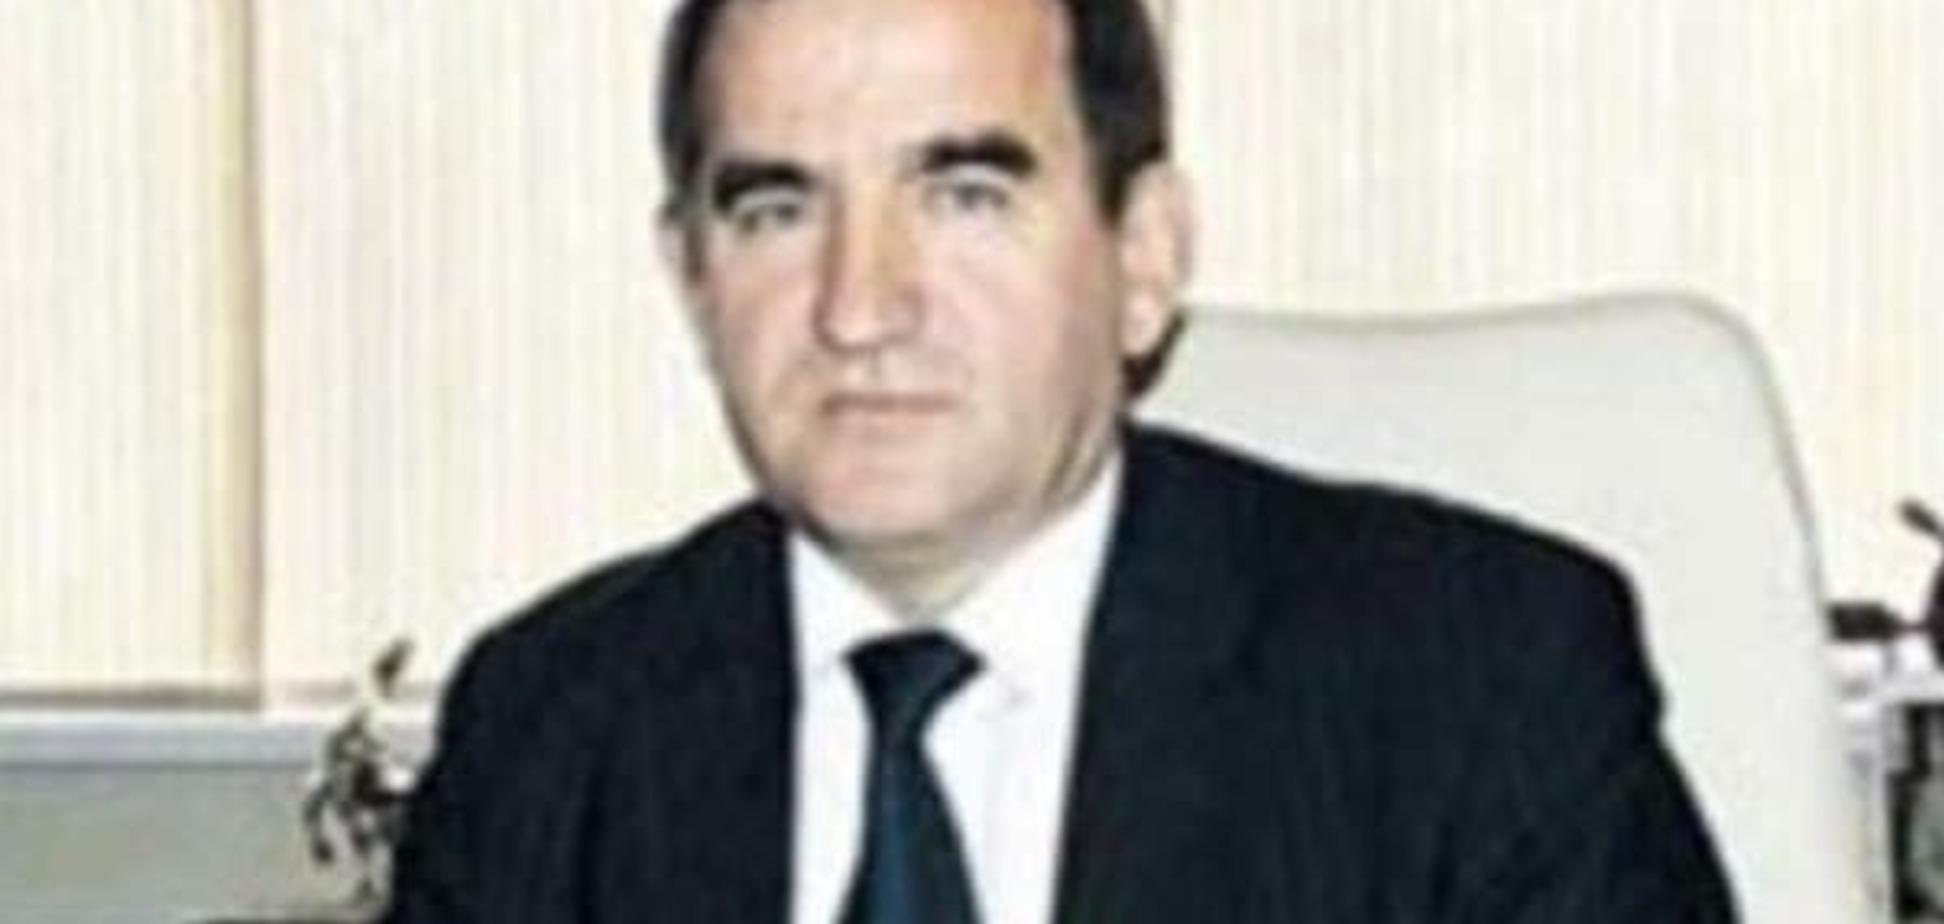 Суд арестовал на два месяца скандального застройщика Войцеховского